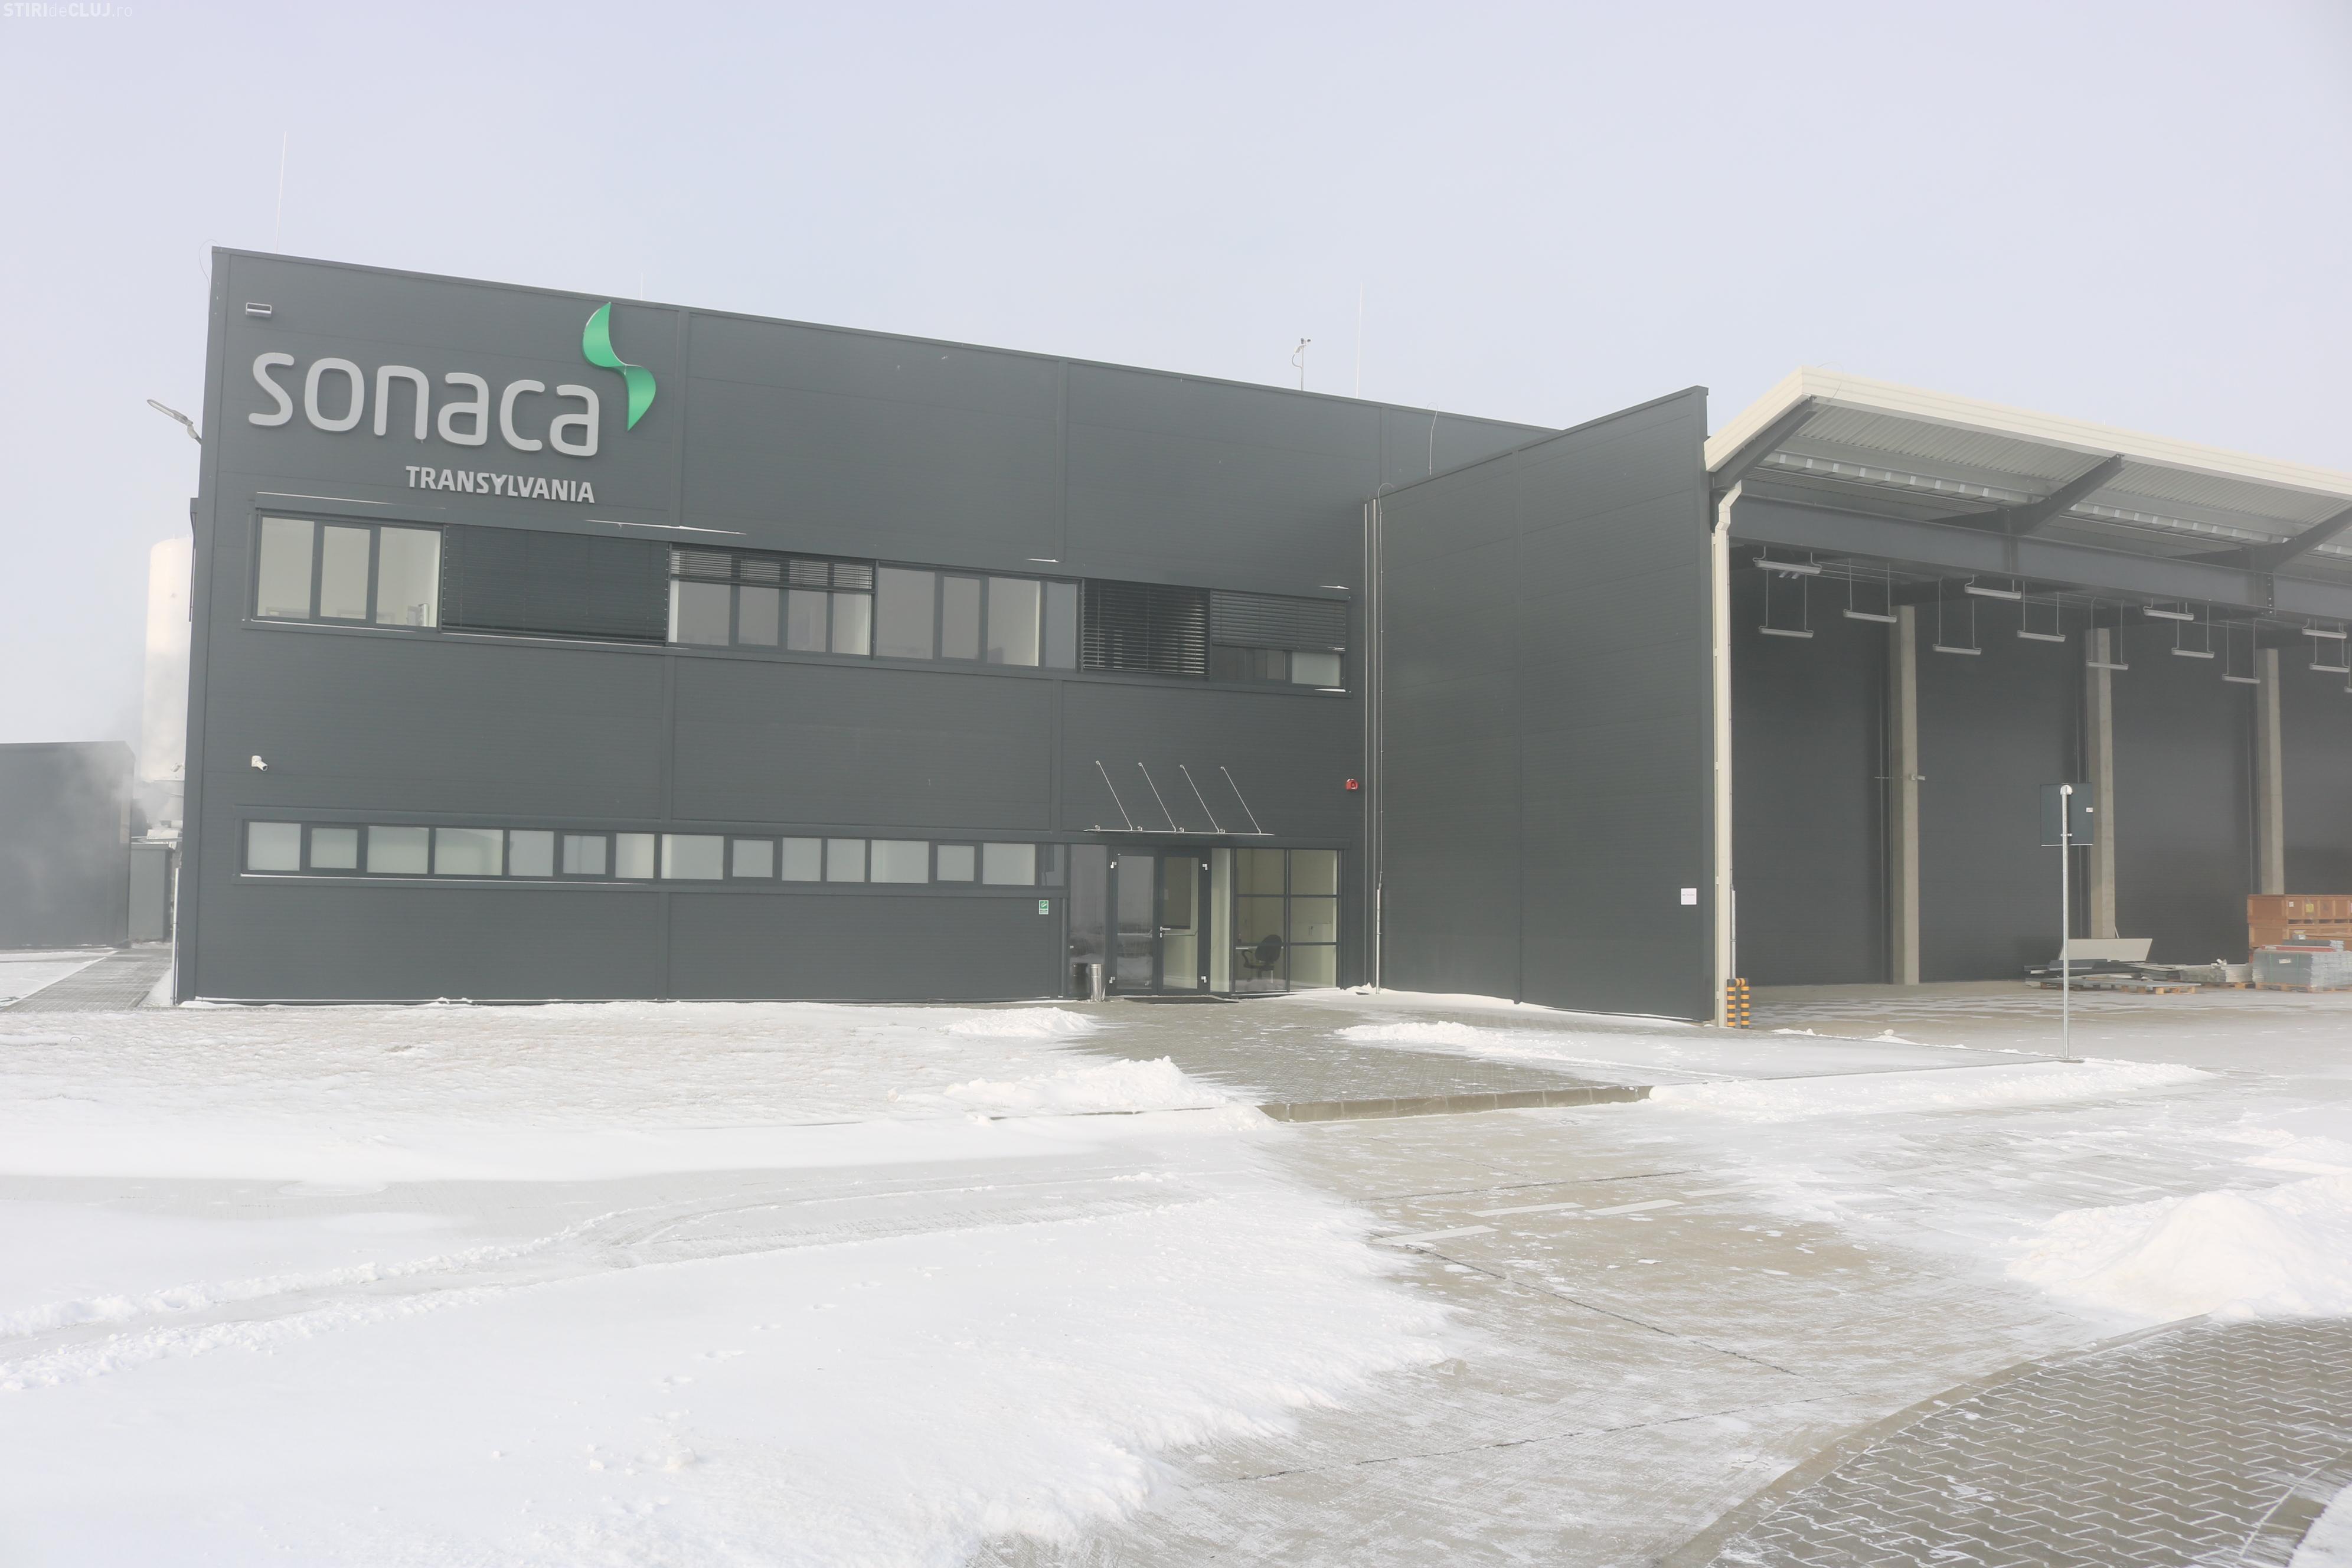 Fabrica Sonaca, producător de componente pentru aripile avionalelor Airbus, se deschide la Turda